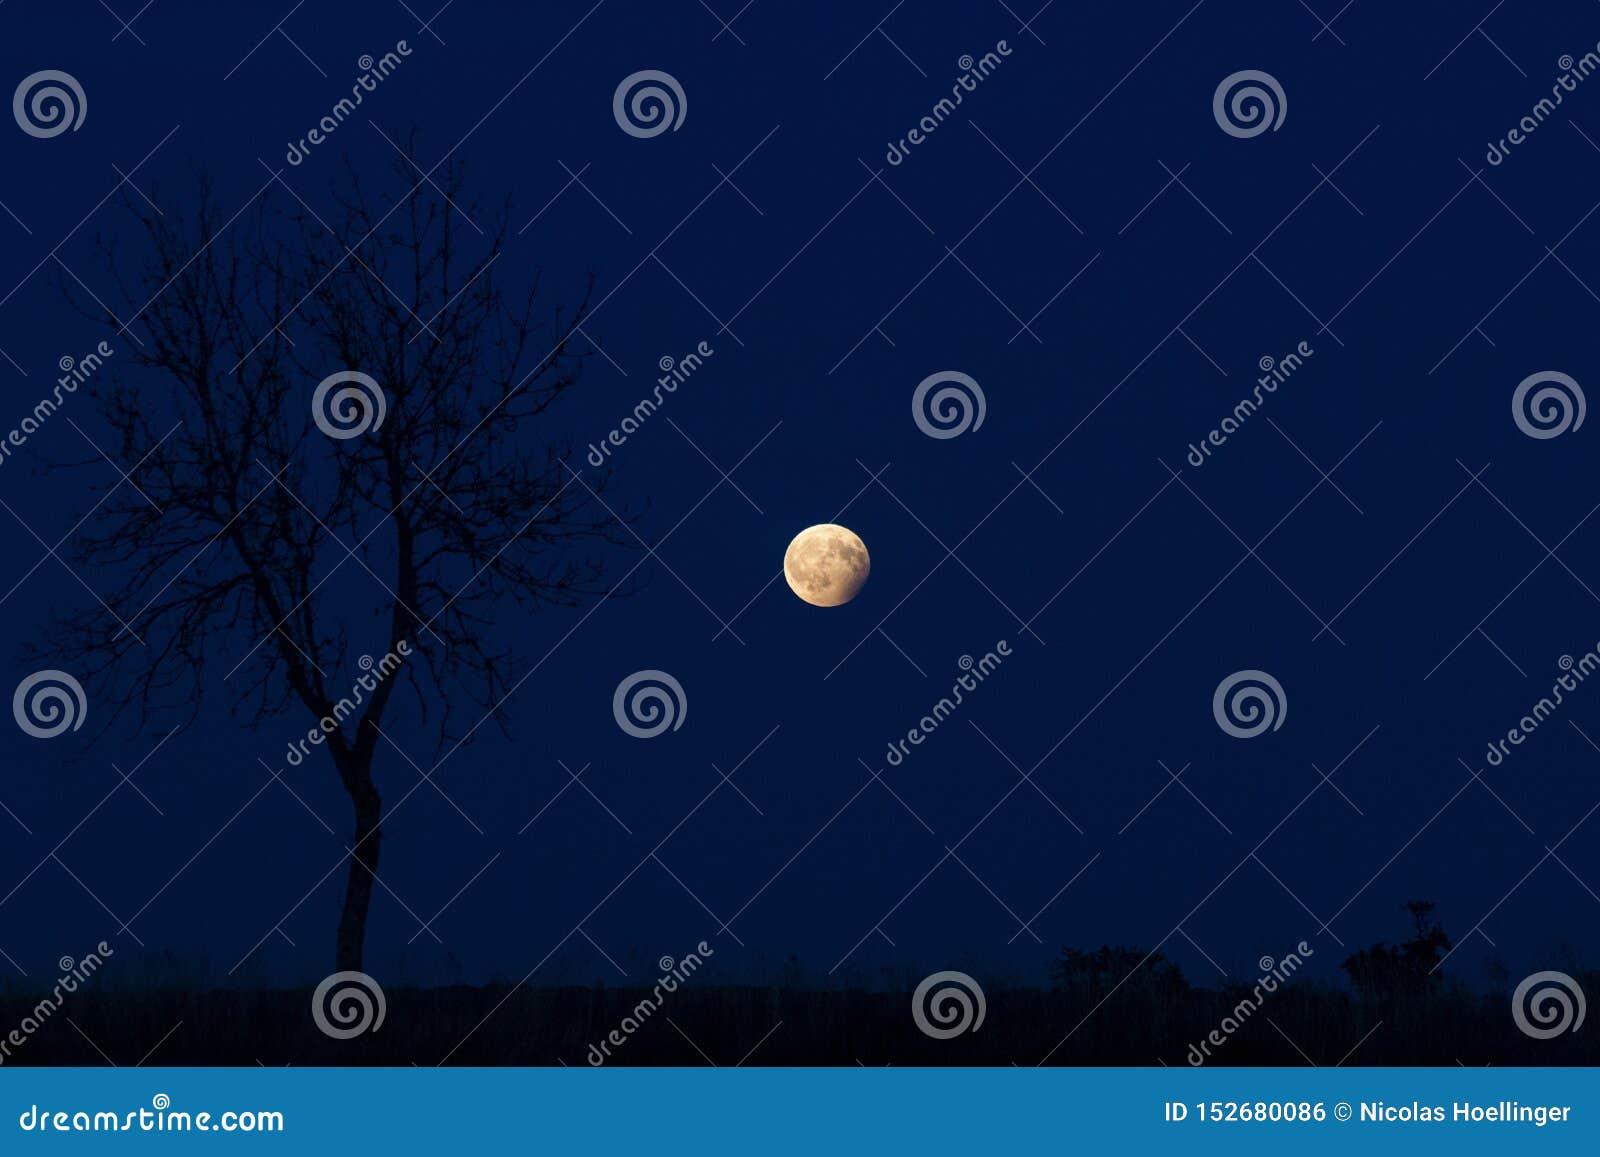 Το φεγγάρι στην μπλε νύχτα